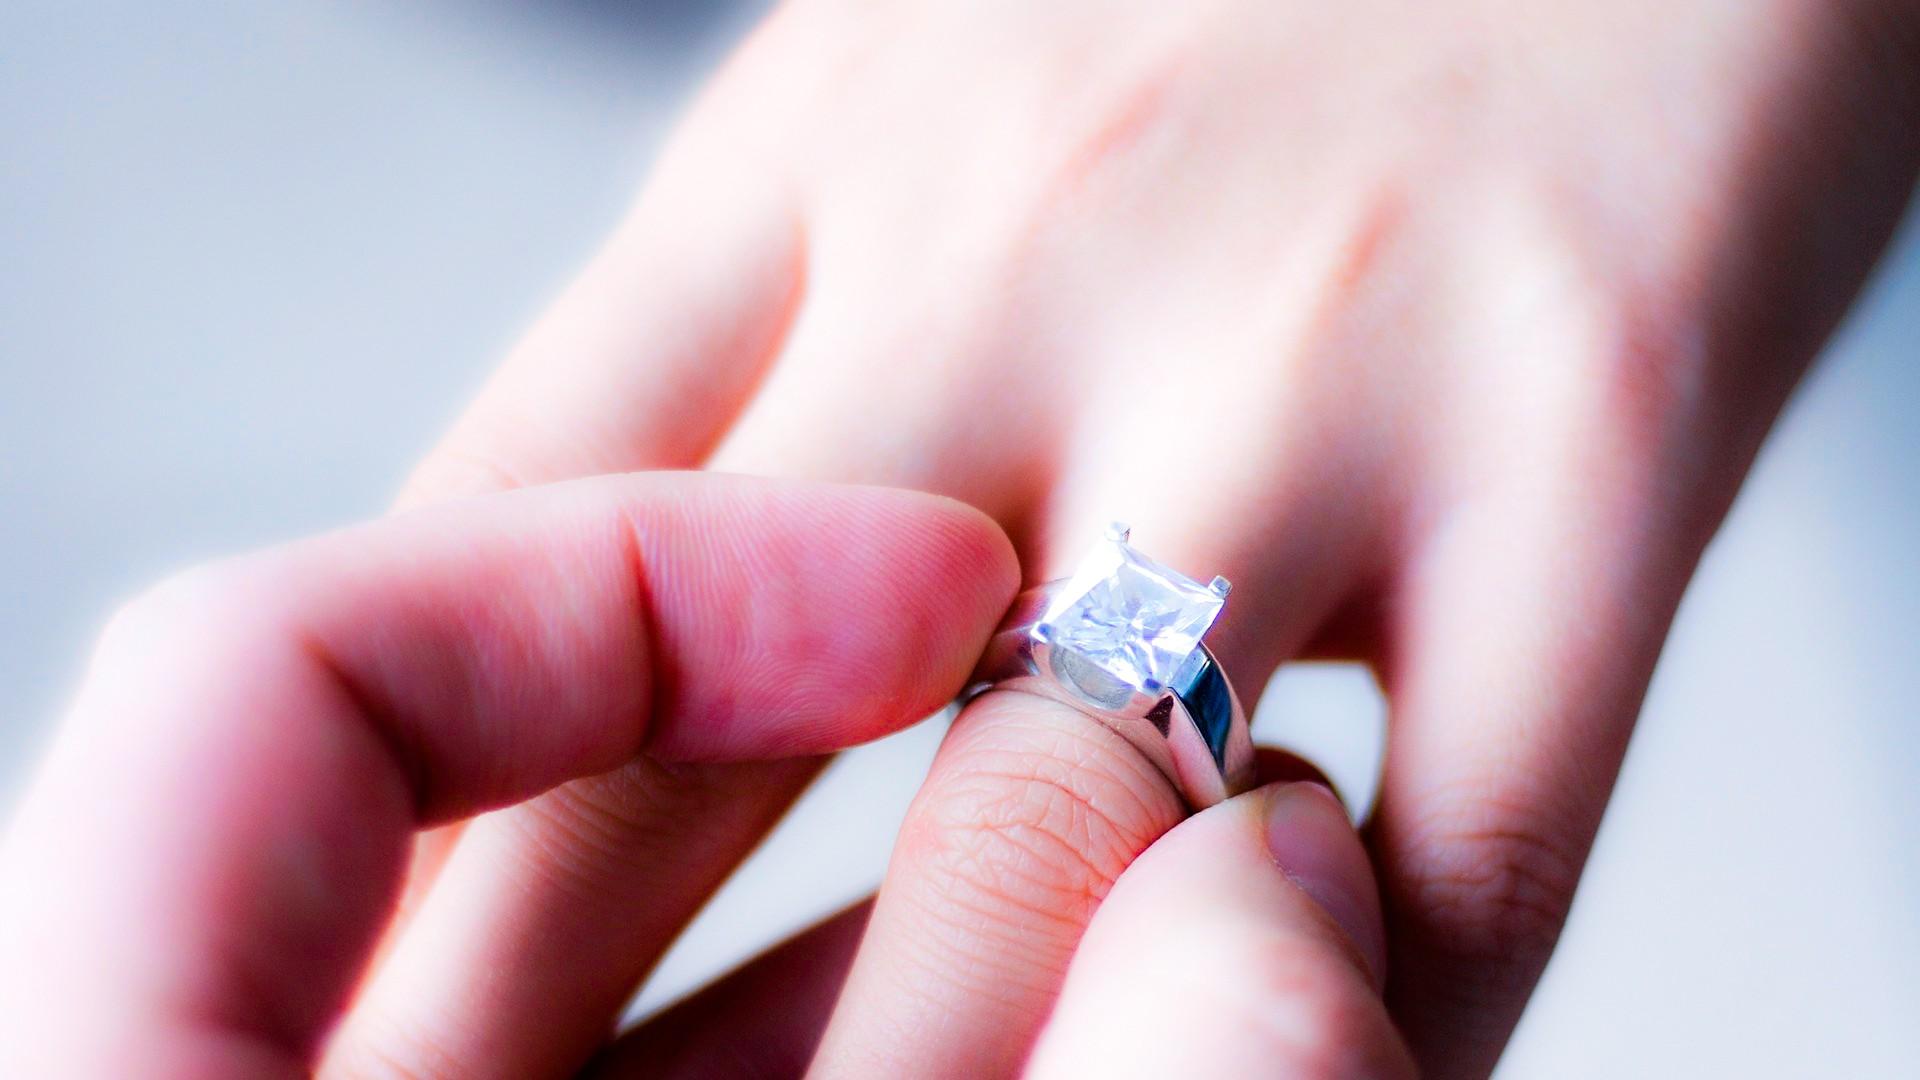 نصائح لاختيار خواتم الزواج